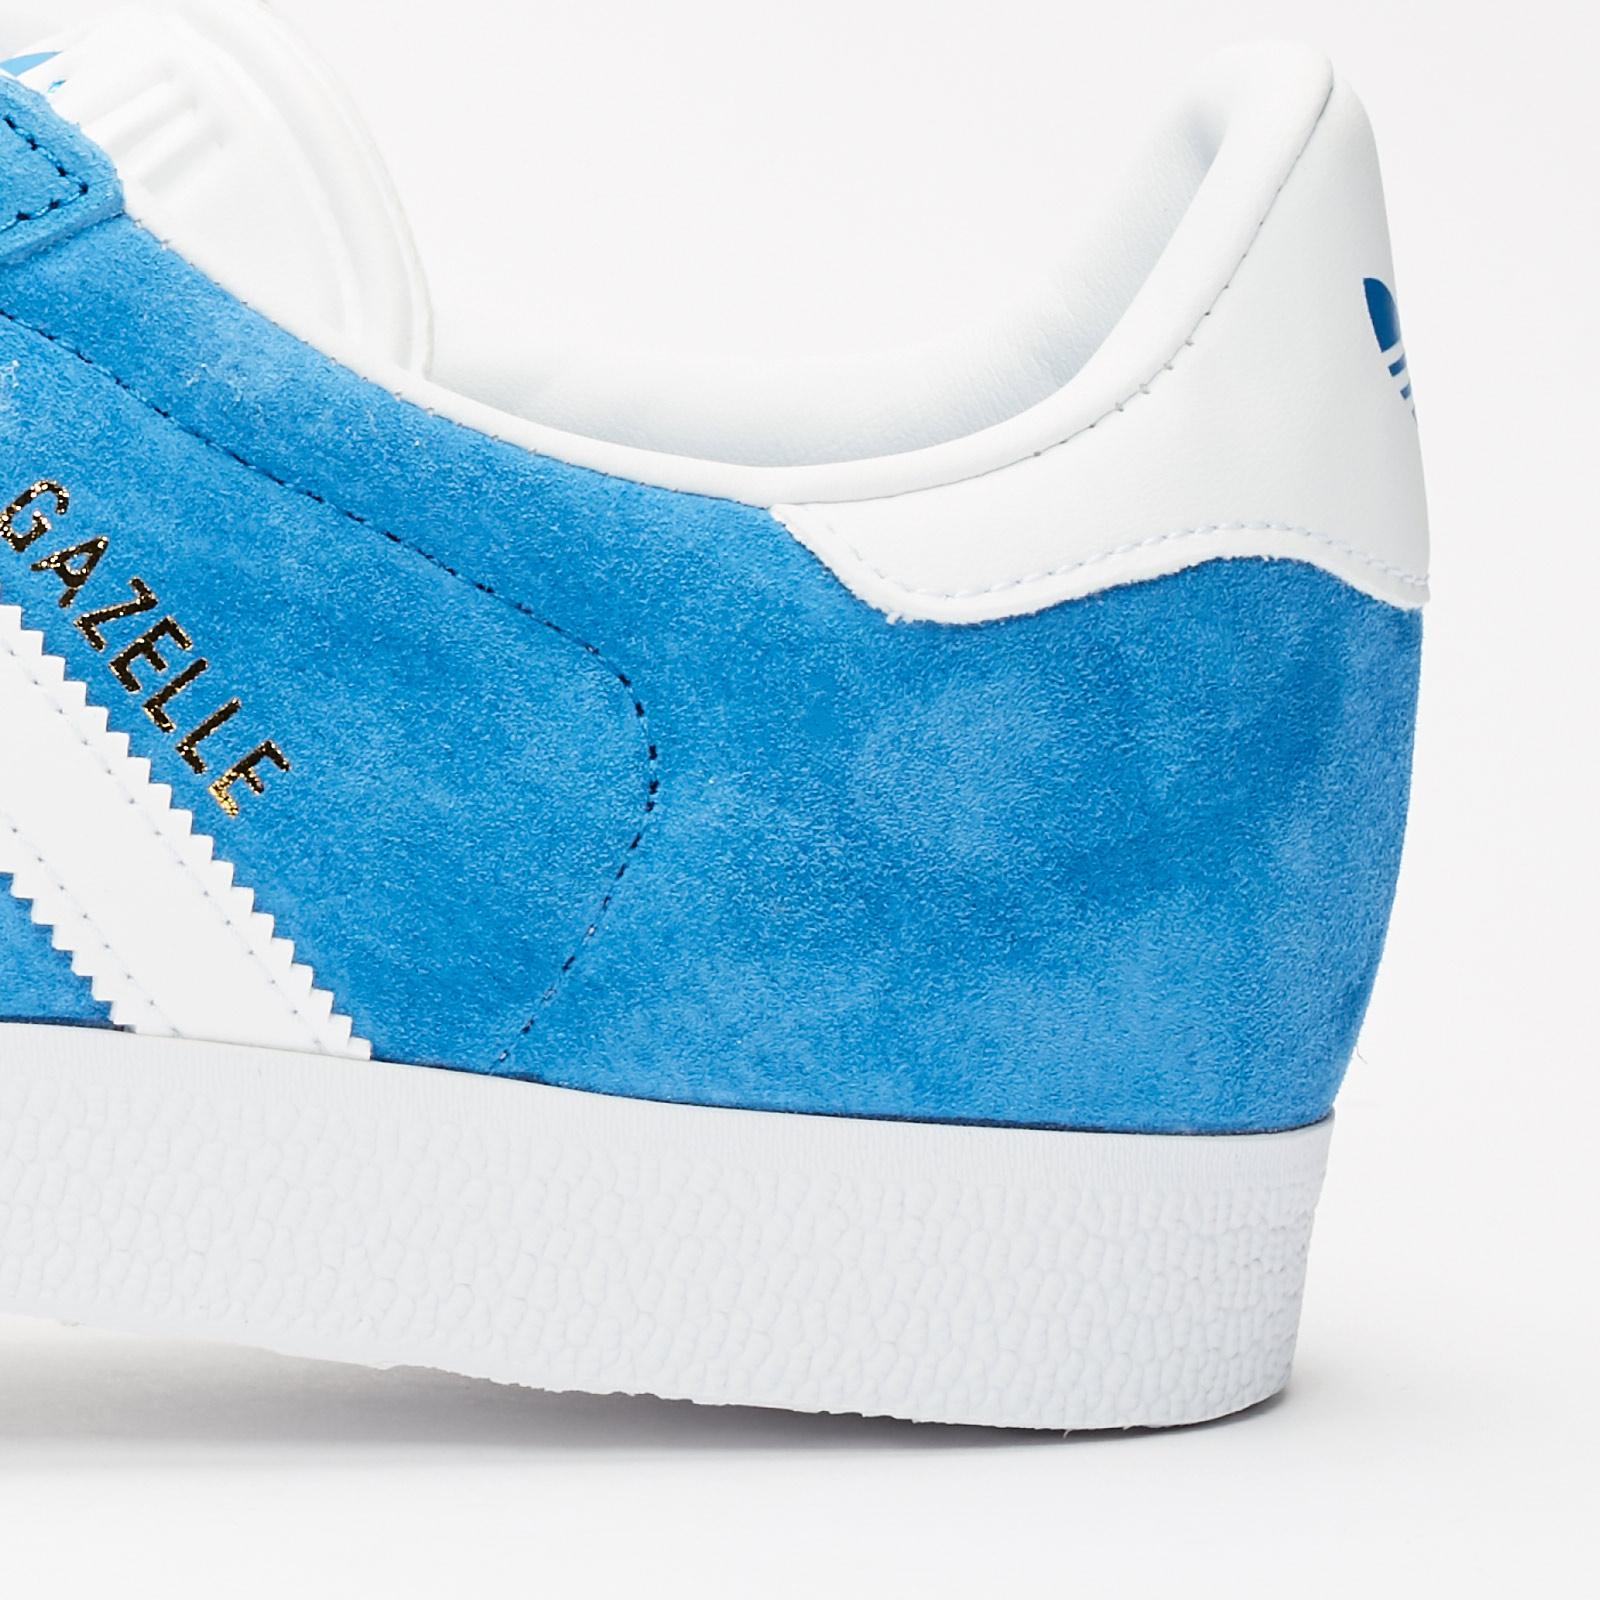 adidas Gazelle - Ef5600 - SNS | sneakers & streetwear online since ...